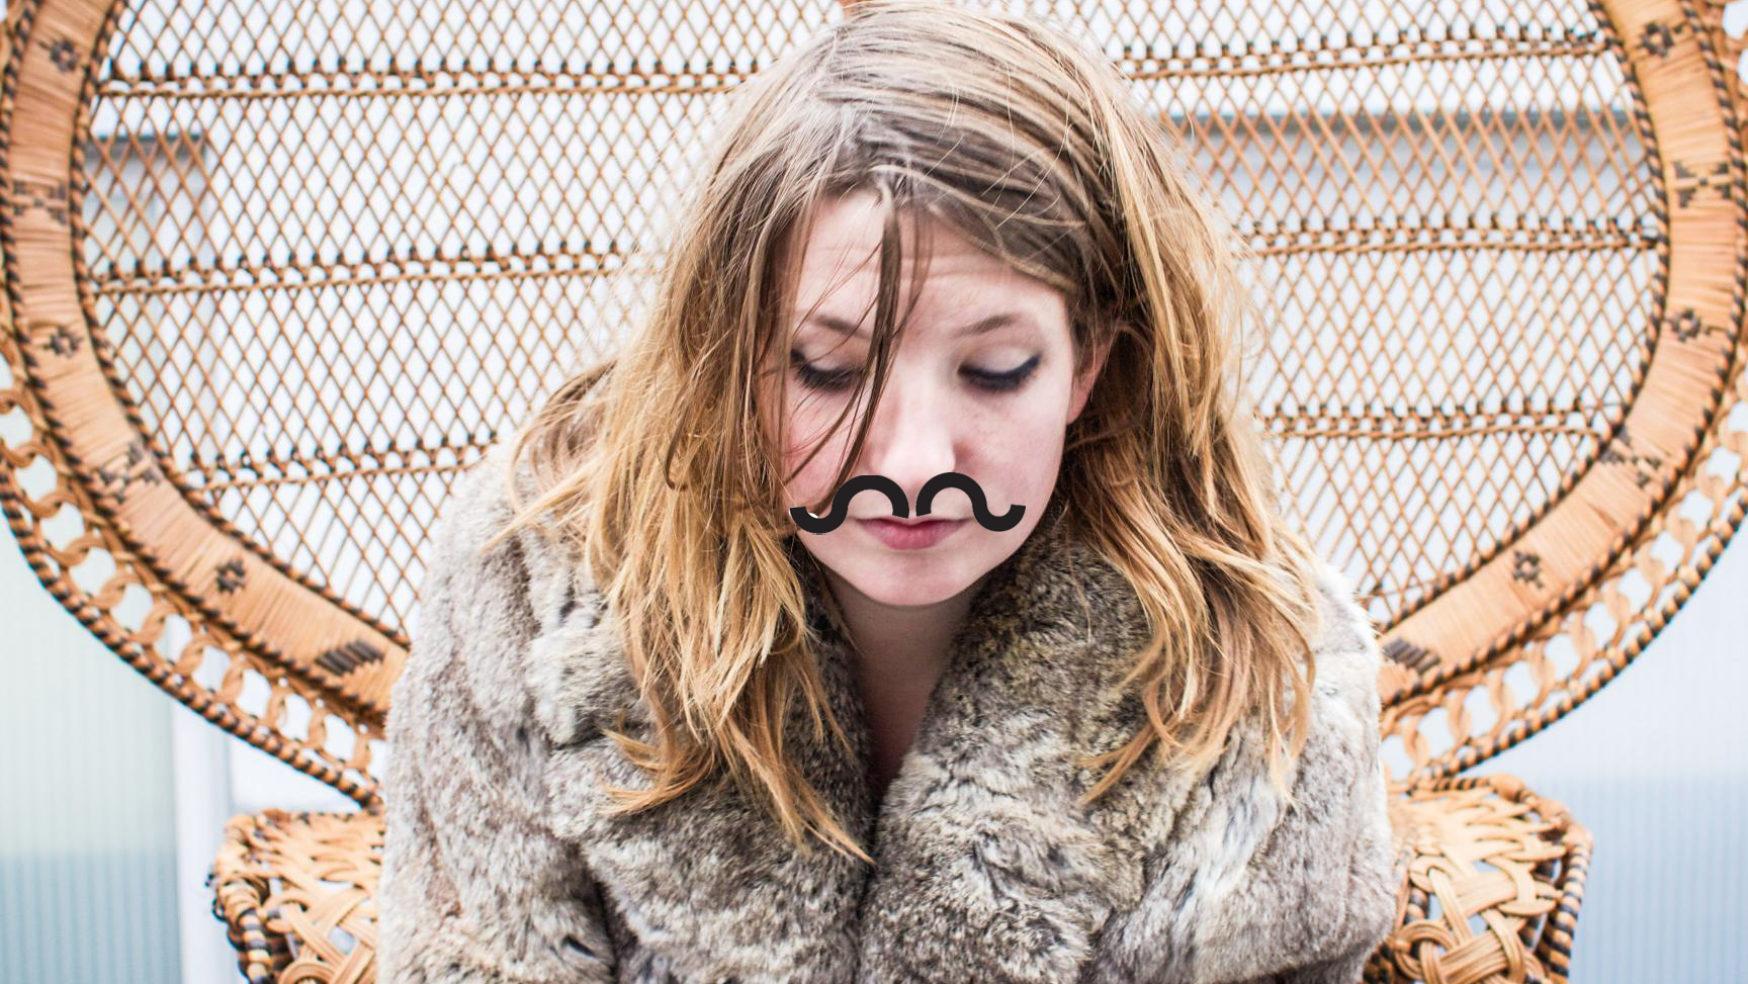 Snorfestival: Roos Rebergen (van Roosbeef) krijgt een Snor